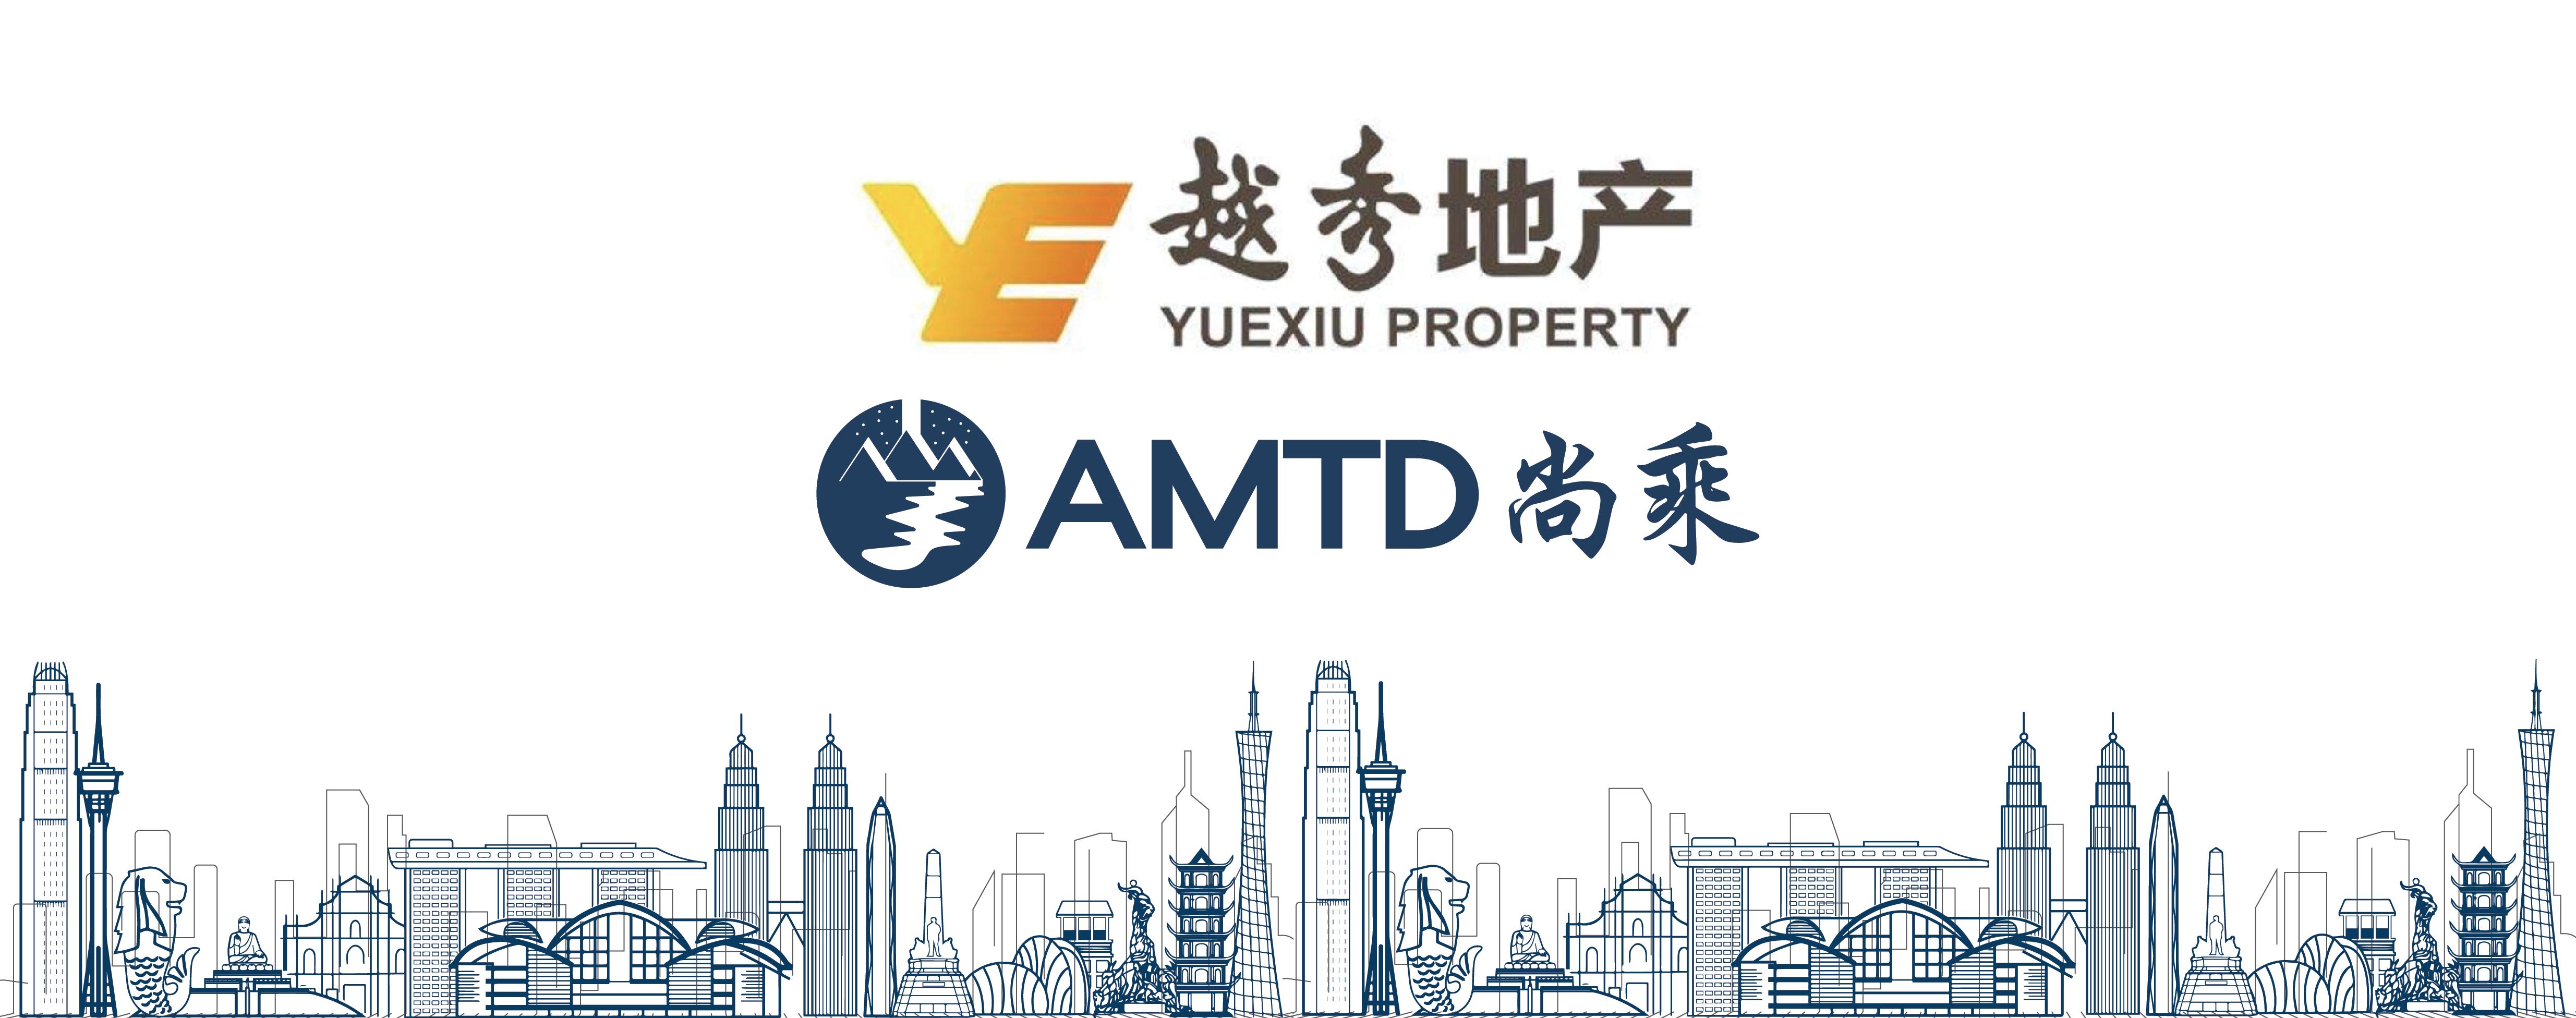 AMTD Deals | Yuexiu REIT US$400m 2.650% 5Y Senior Bond Offering